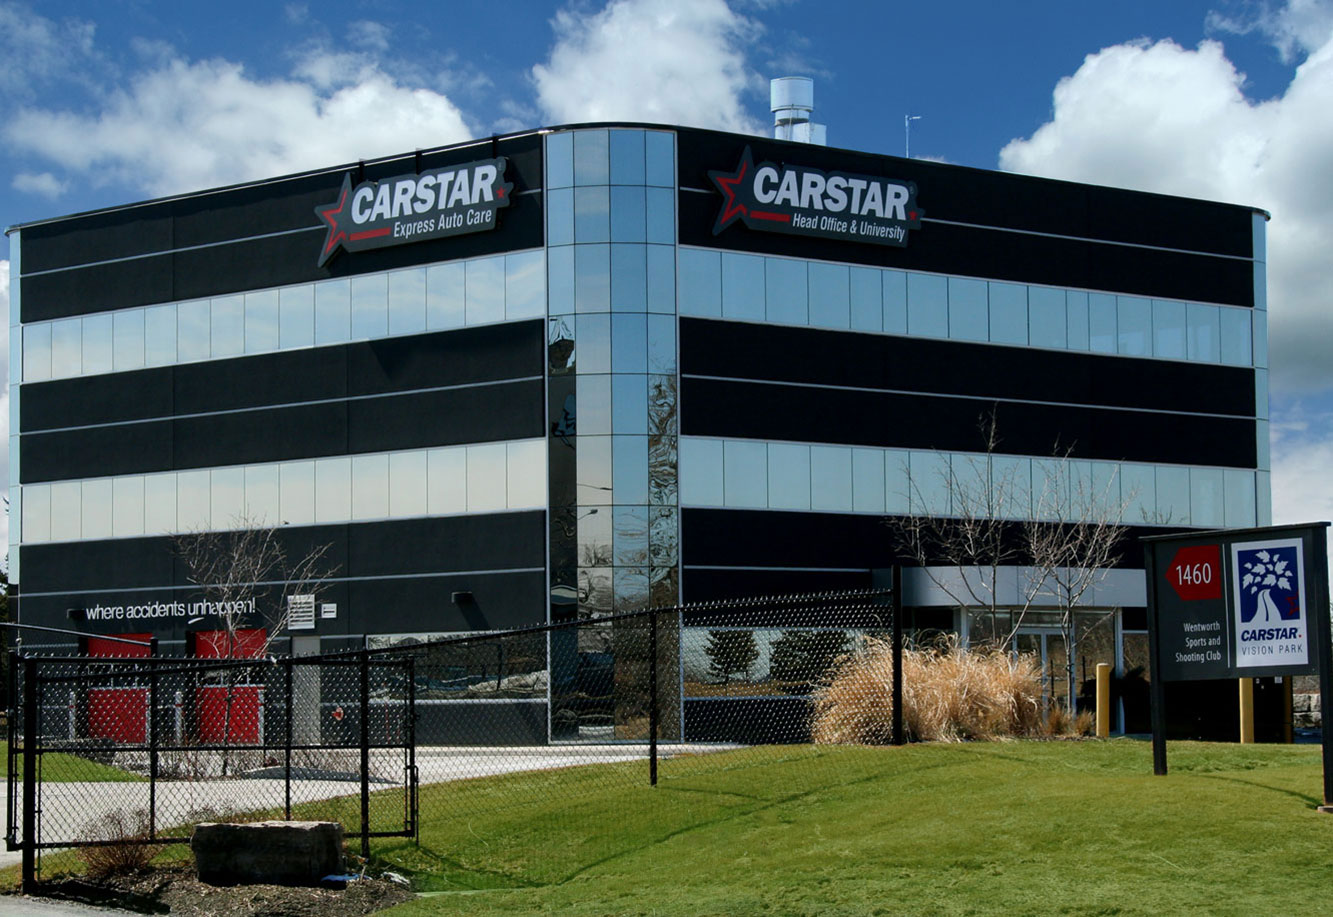 Carstar Vision Park